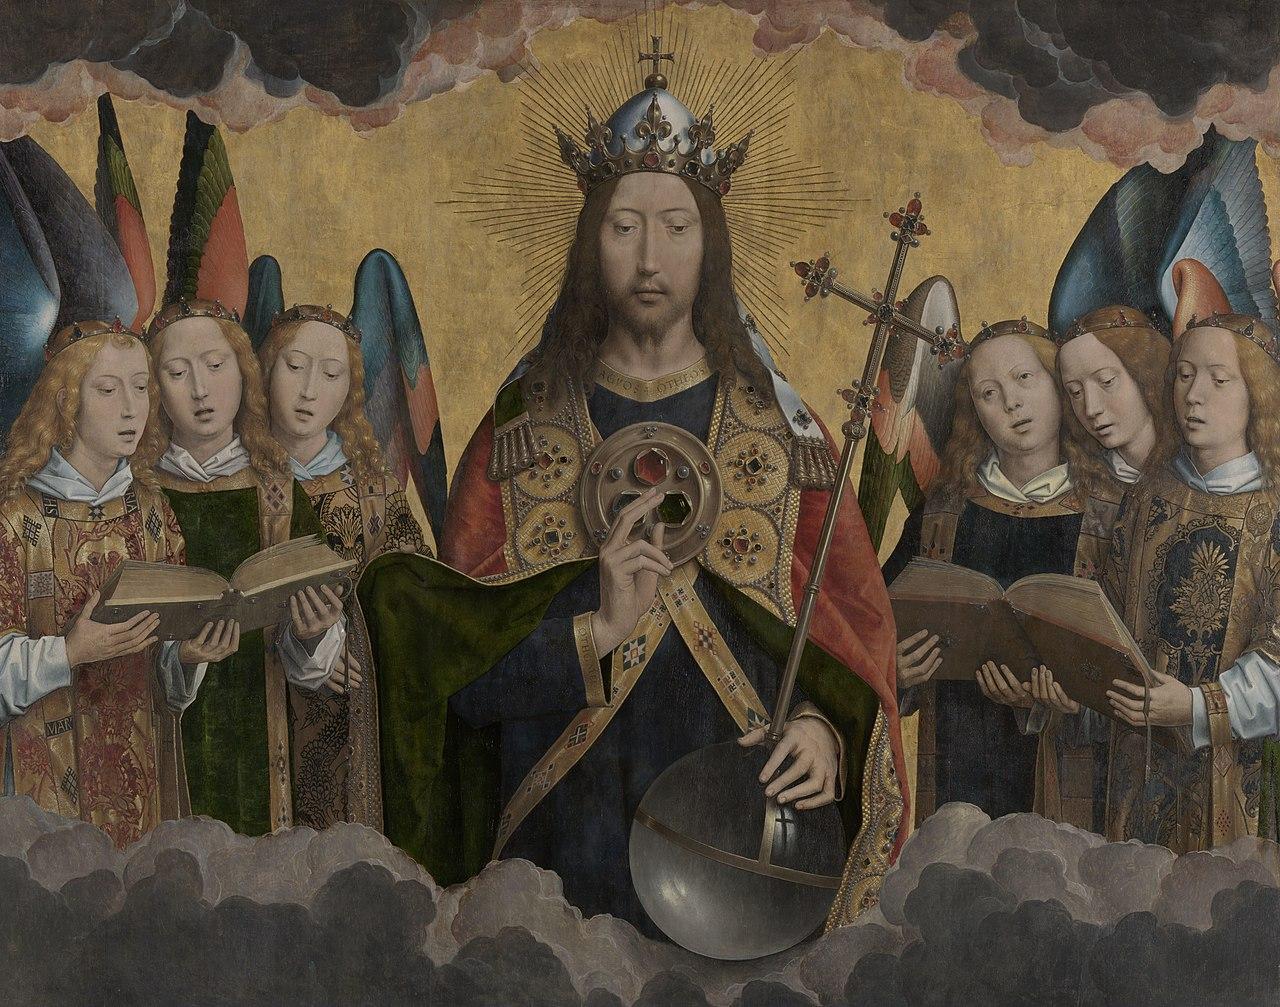 Christus_met_zingende_en_musicerende_engelen,_Hans_Memling,_(1483-1494),_Koninklijk_Museum_voor_Schone_Kunsten_Antwerpen,_778